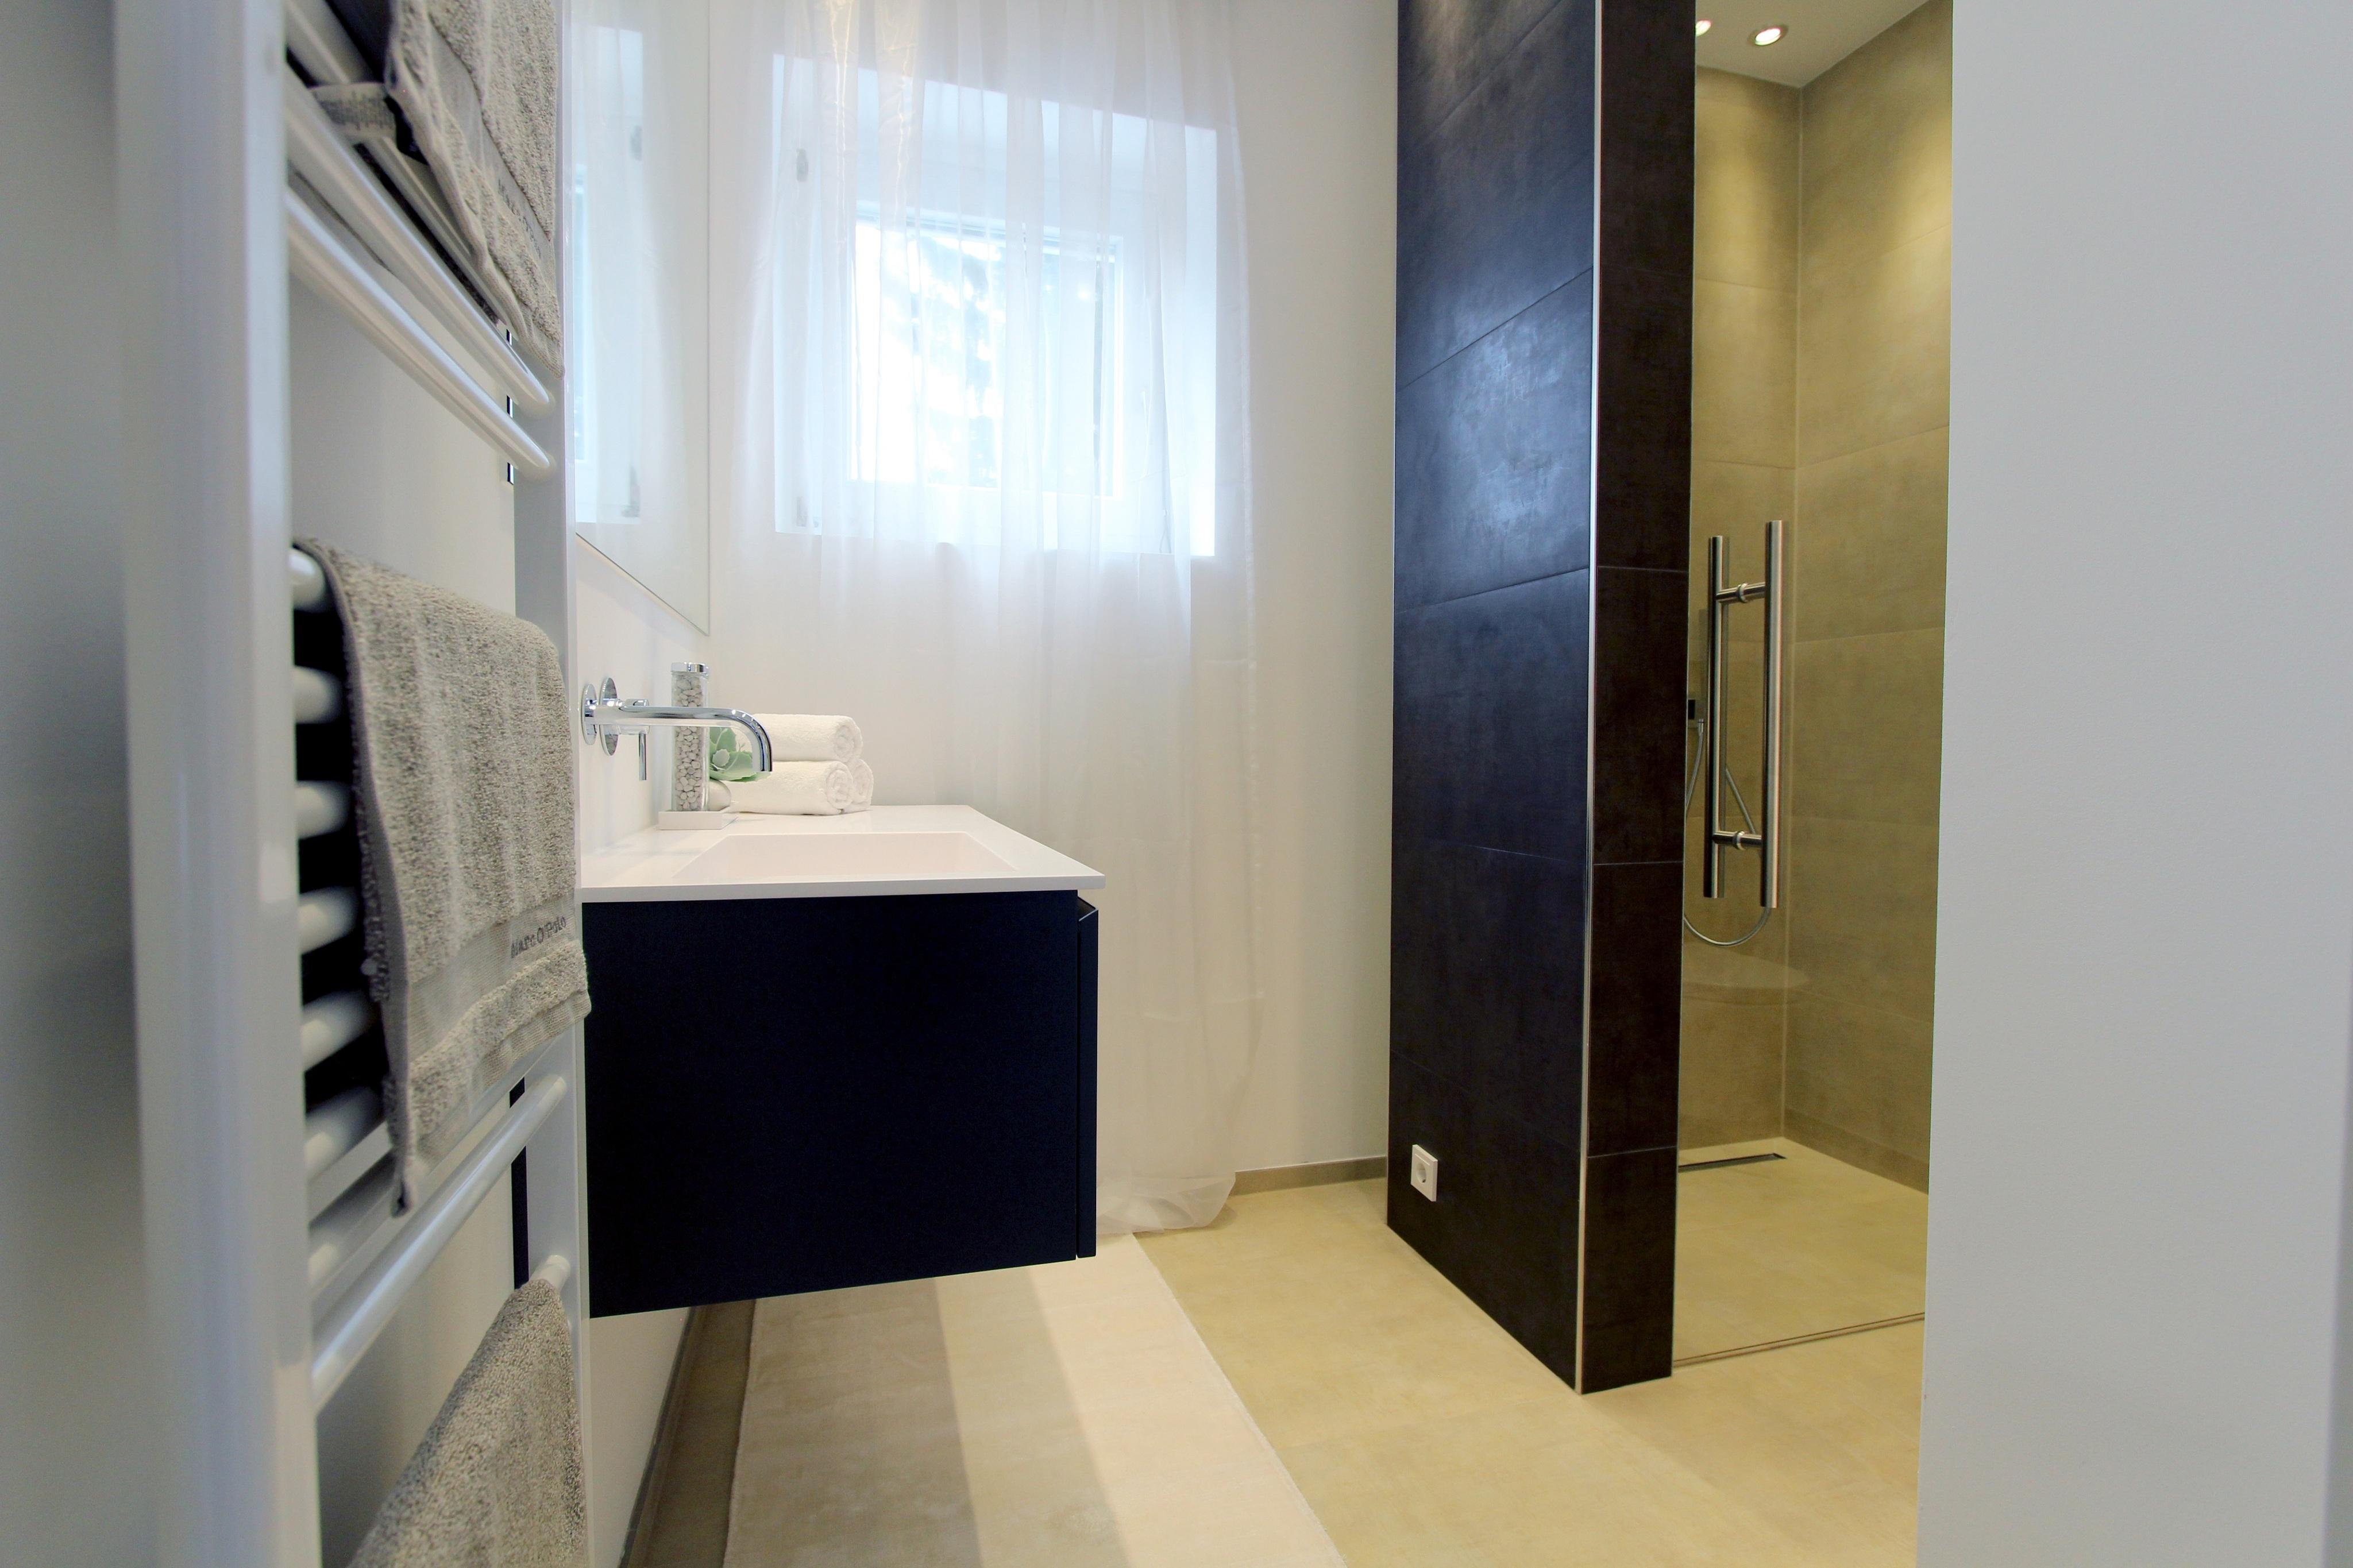 Badezimmer Trennwand • Bilder & Ideen • COUCHstyle